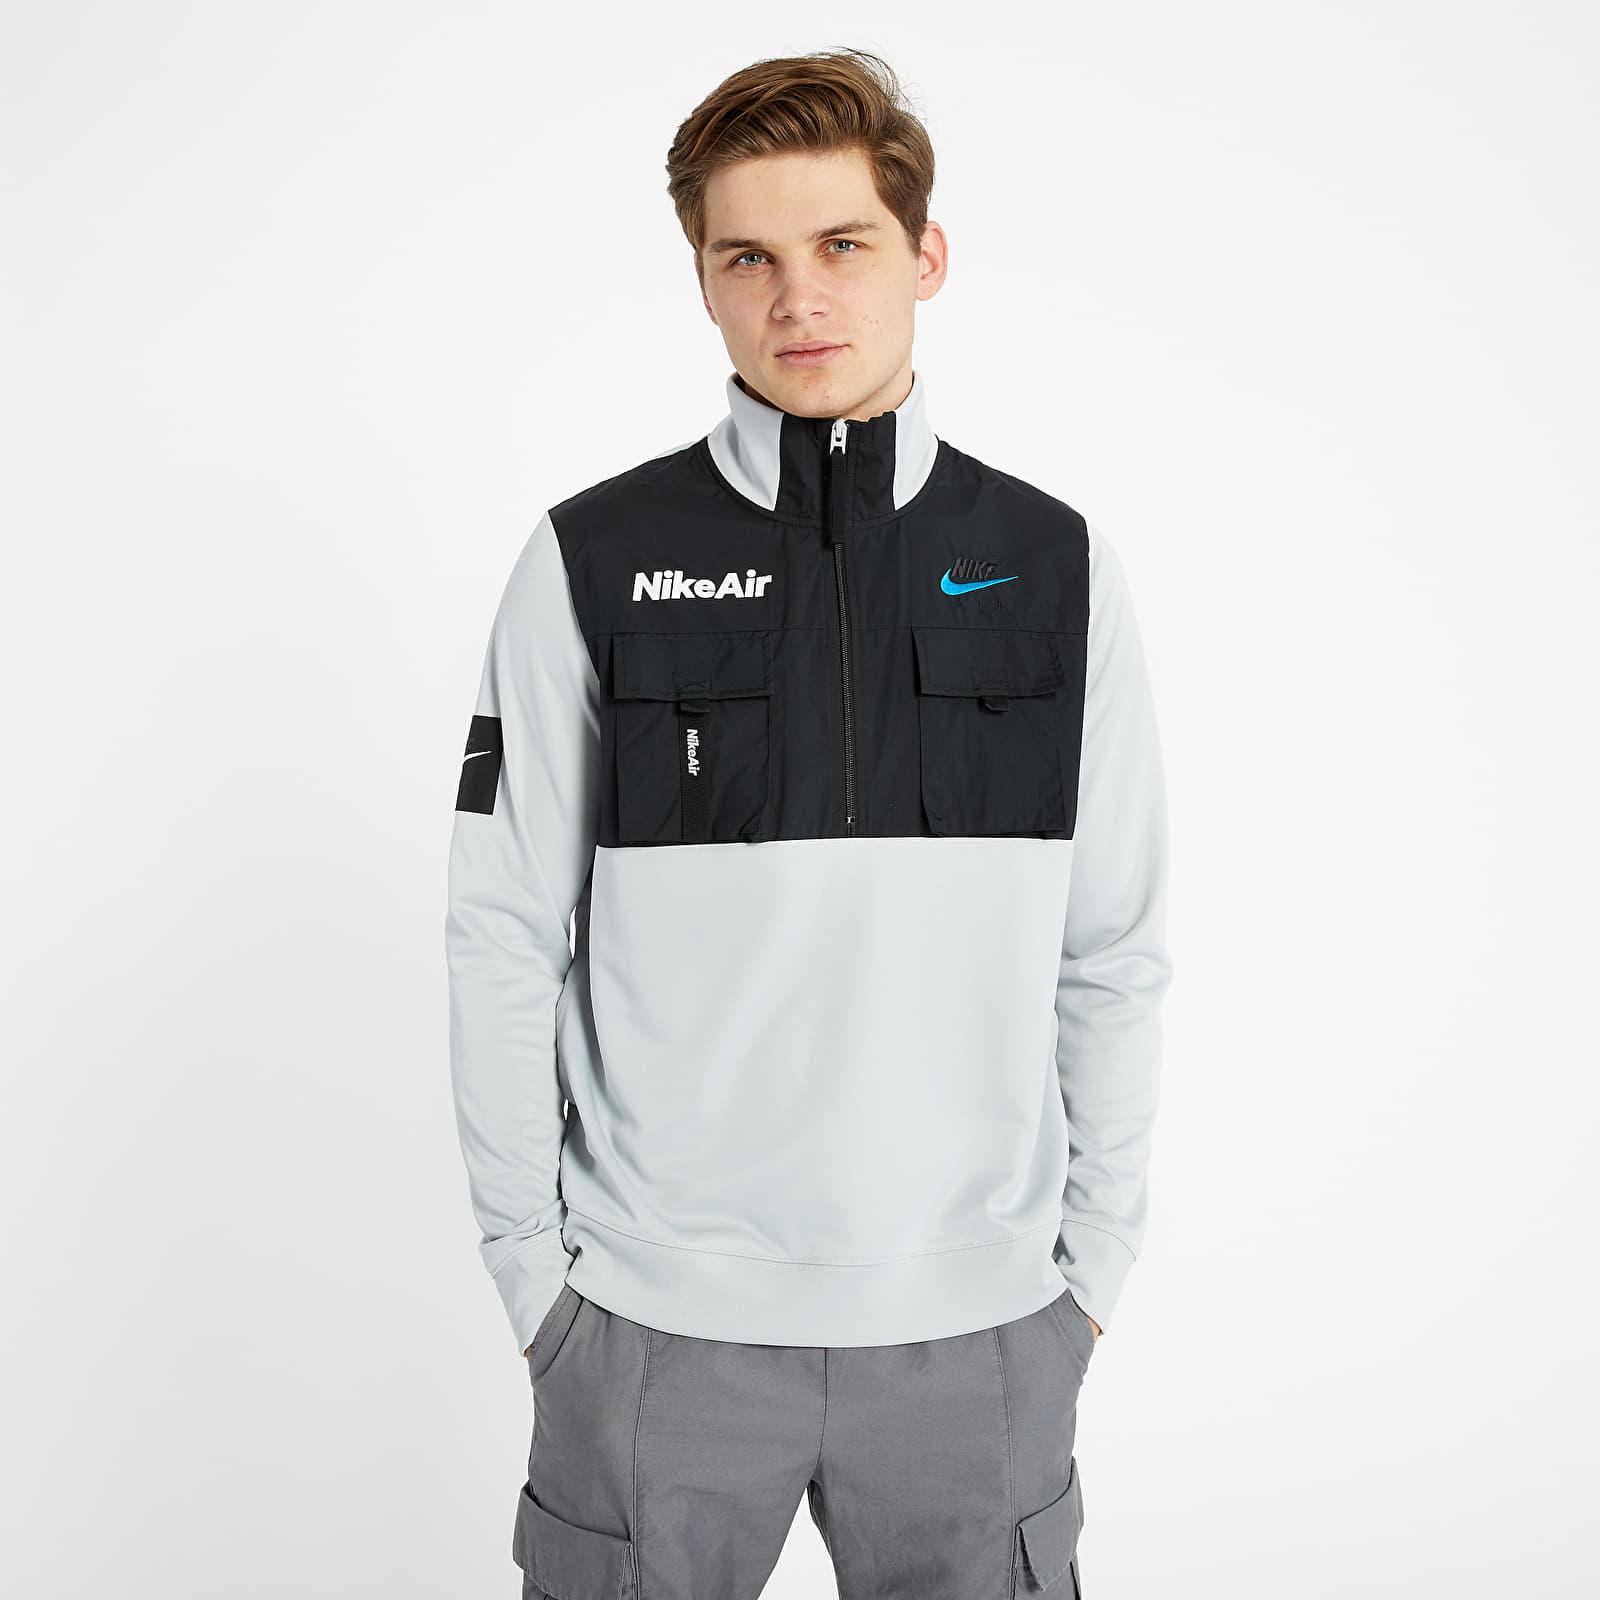 Goma de dinero temperamento Volver a disparar  Jackets Nike Air 1/2-Zip Jacket Grey Fog/ Black/ White   Footshop